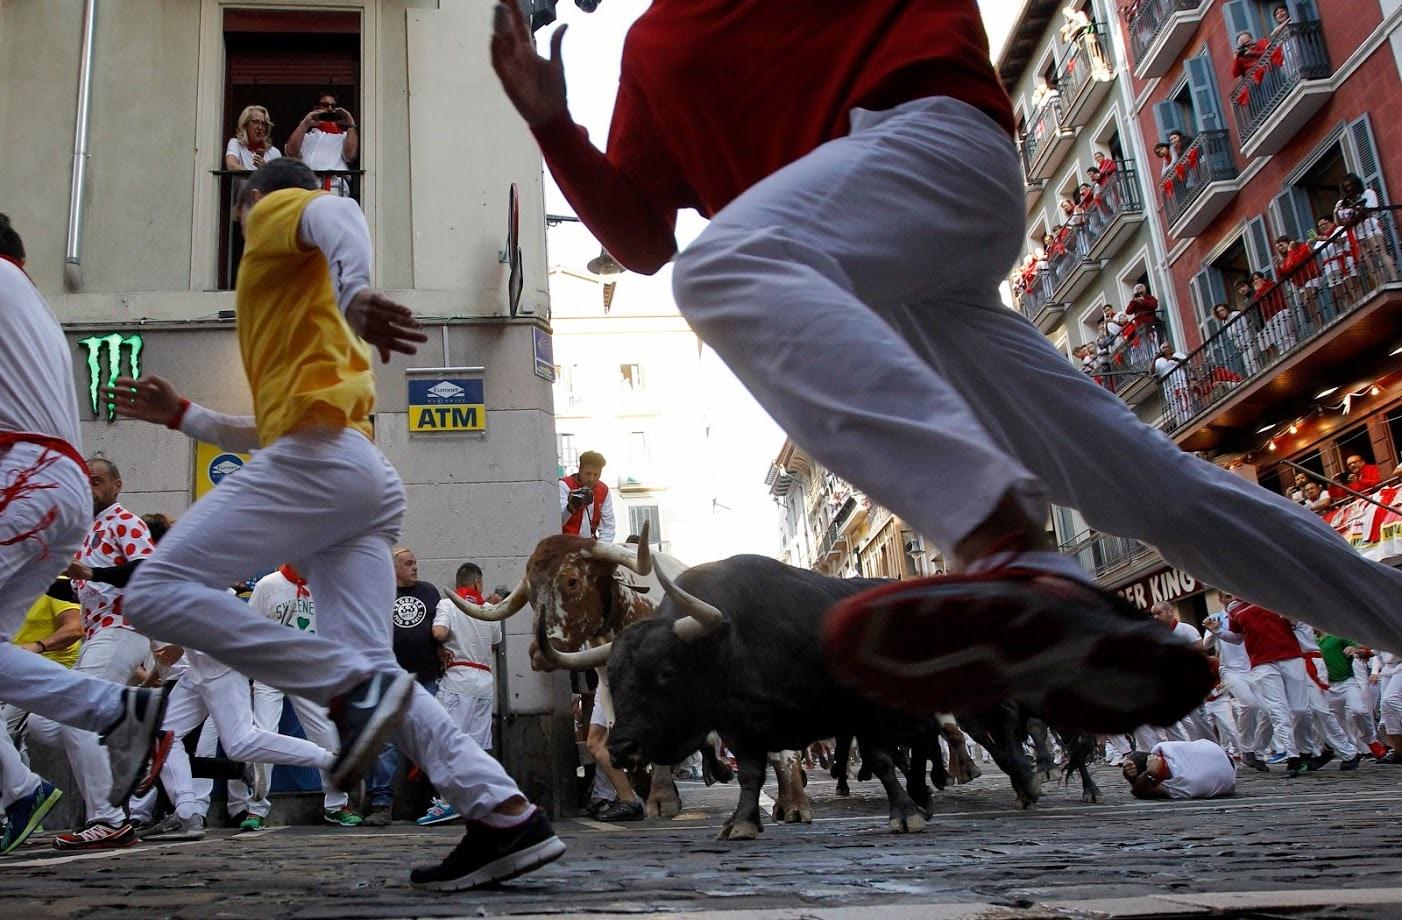 बैलांशी शर्यत लावणाऱ्या या शूरवीरांना प्रोत्साहन देण्यासाठी स्पेनमधले रस्ते दणाणून जातात.